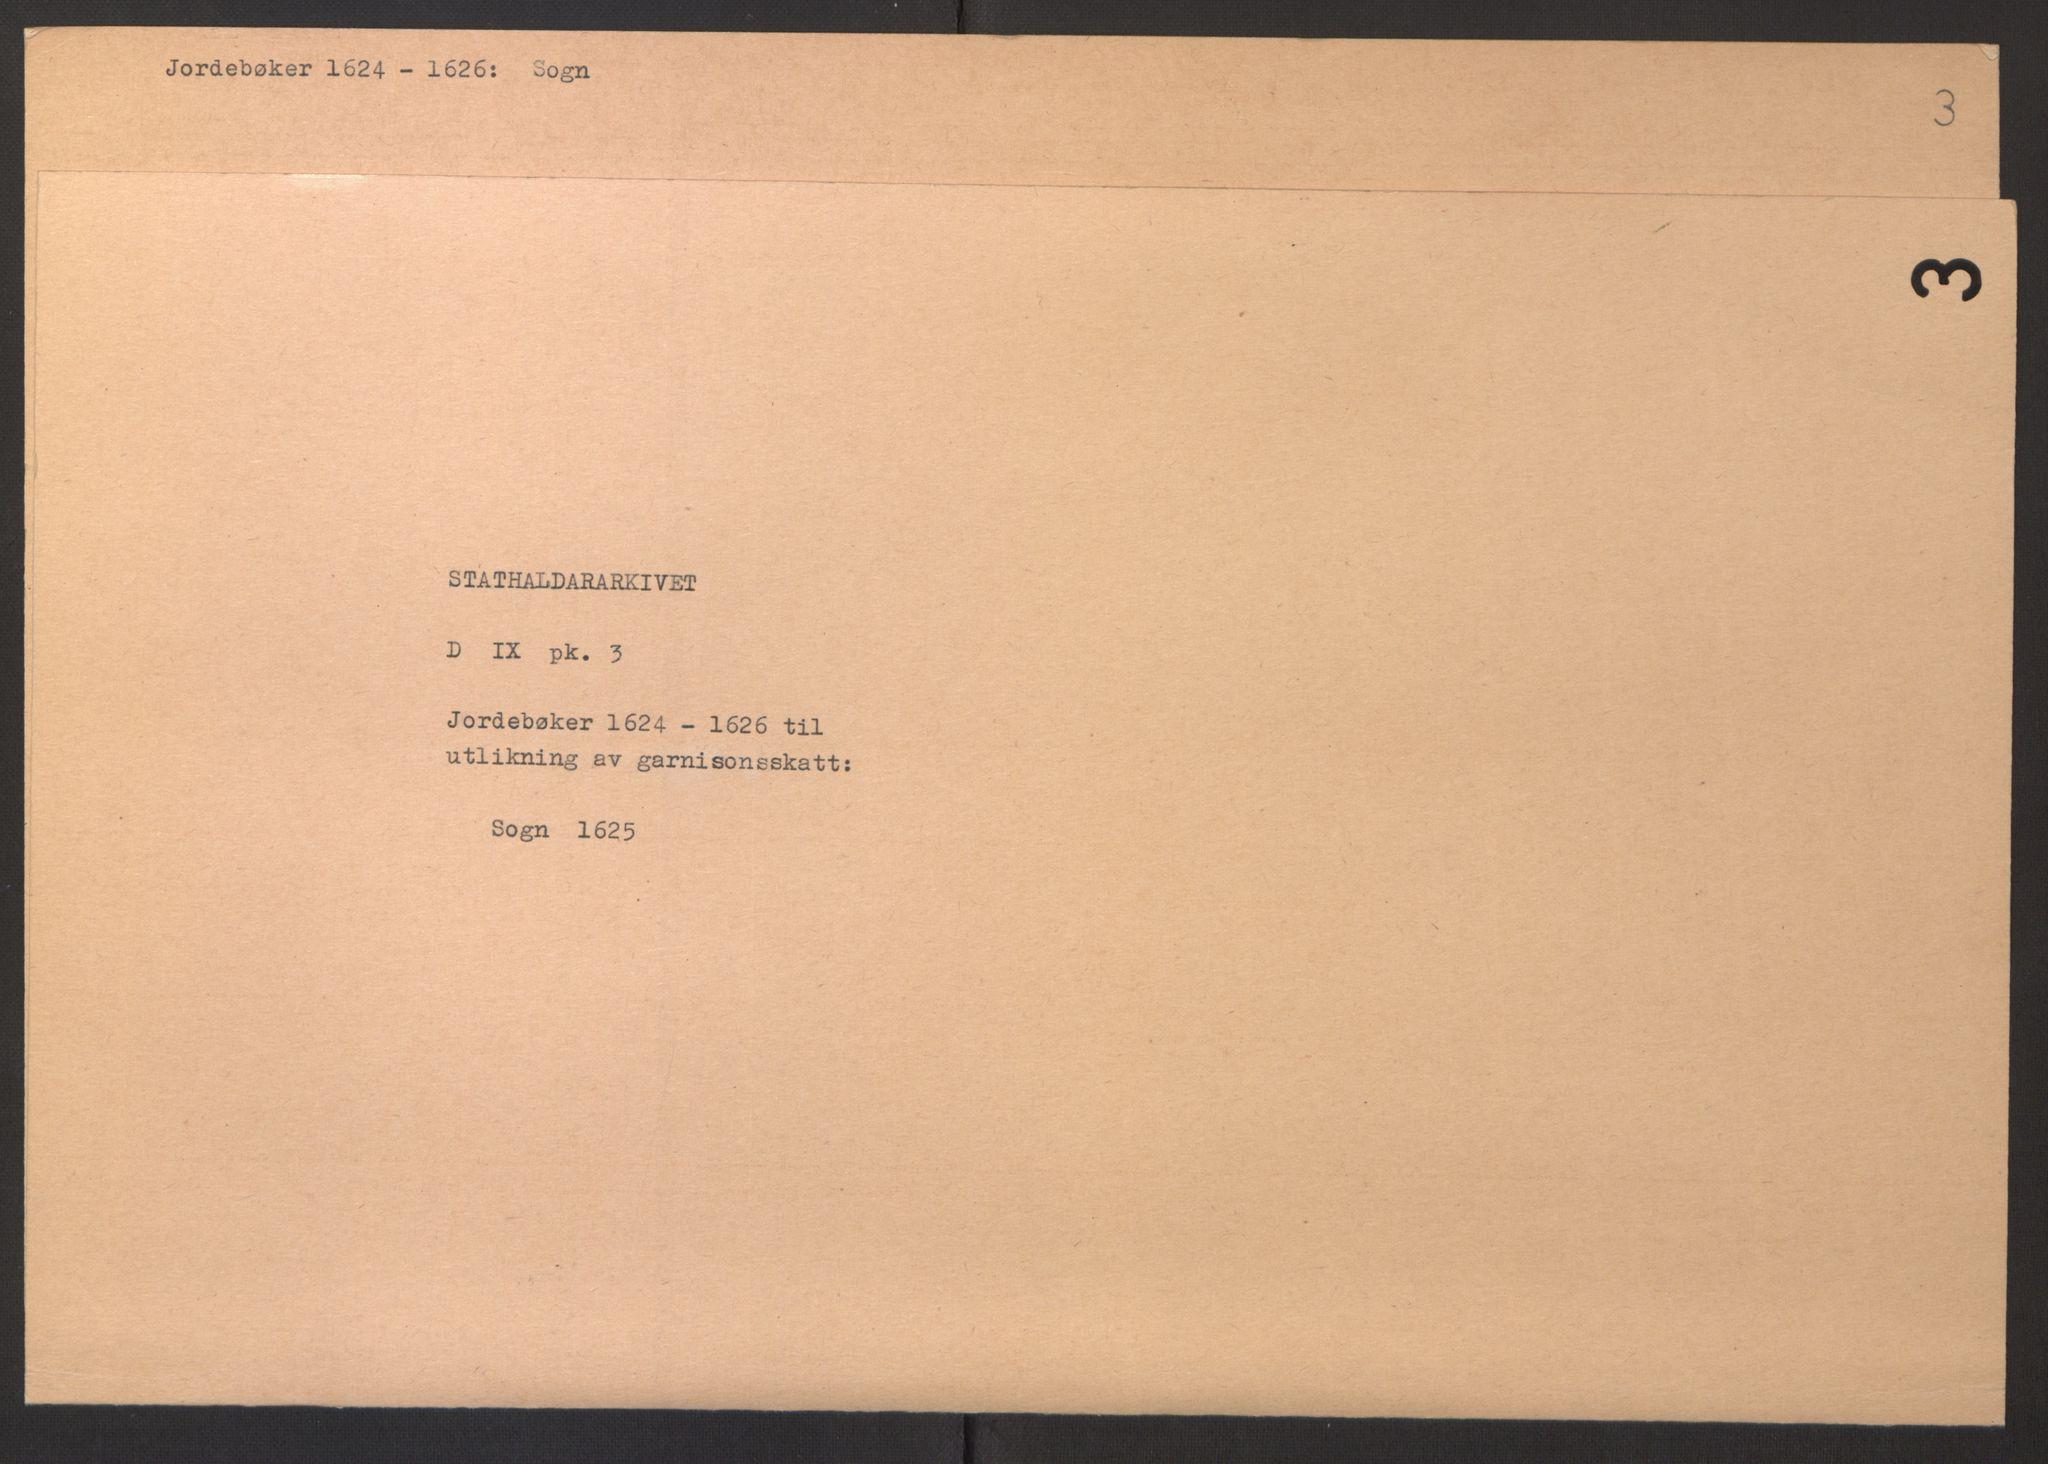 RA, Stattholderembetet 1572-1771, Ek/L0003: Jordebøker til utlikning av garnisonsskatt 1624-1626:, 1624-1625, s. 115